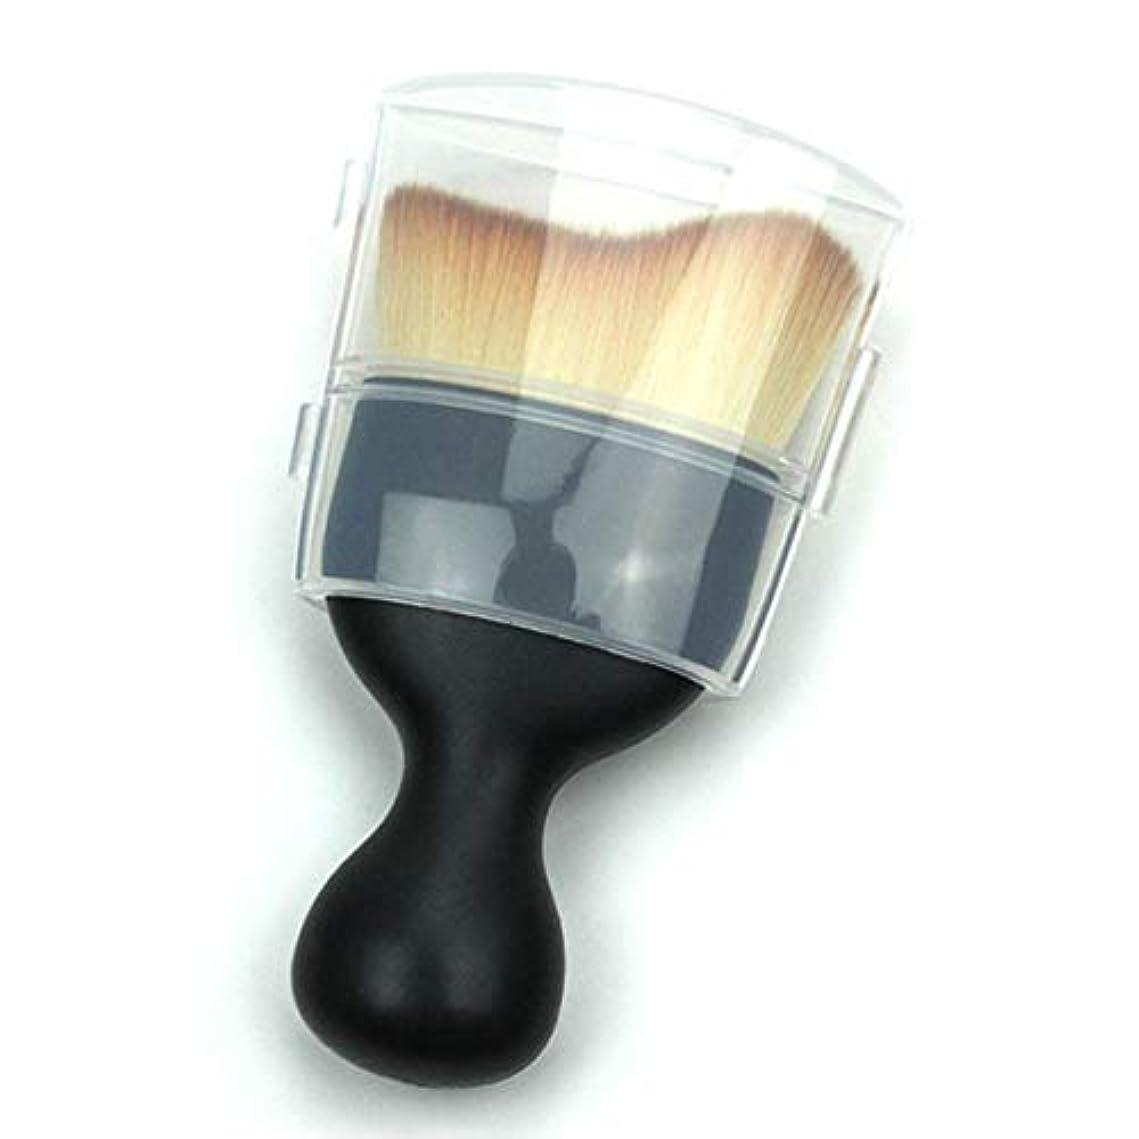 住所腸宅配便Intercoreyポータブルサイズプラスチックハンドルファンデーションブラシフラットクリームメイクアップブラシプロの化粧品メイクアップブラシ